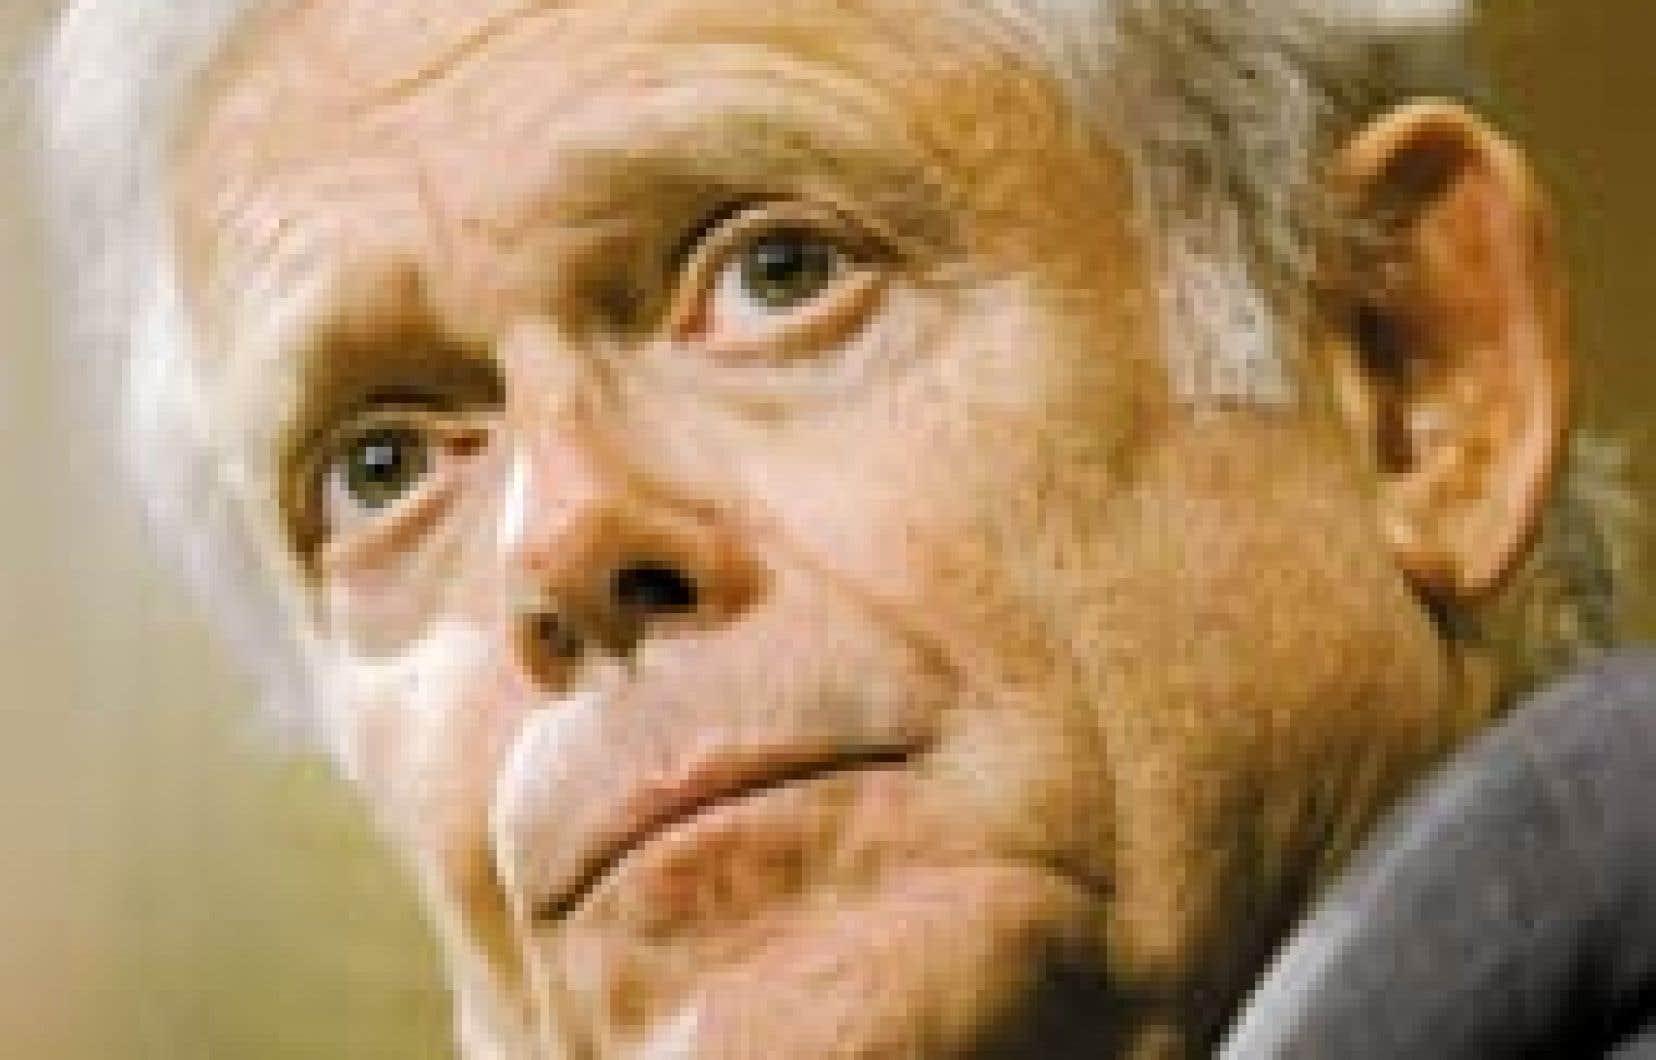 Le départ anticipé de William Donaldson, dont le mandat expire en 2007, alimentait les rumeurs depuis plusieurs mois.